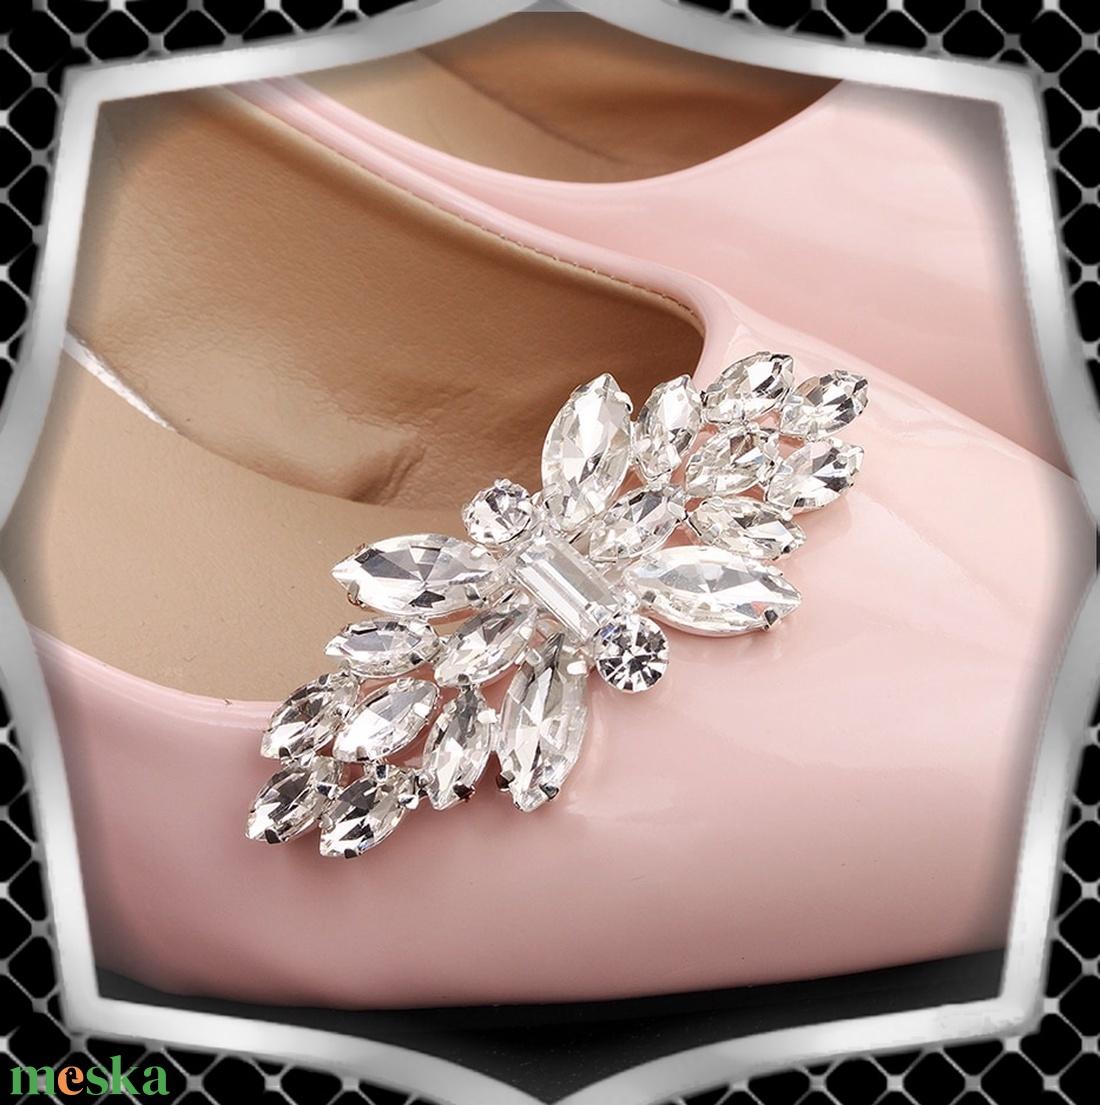 Esküvői, menyasszonyi, alkalmi cipődísz, cipőklipsz ES-CK02 - esküvő - cipő és cipőklipsz - Meska.hu